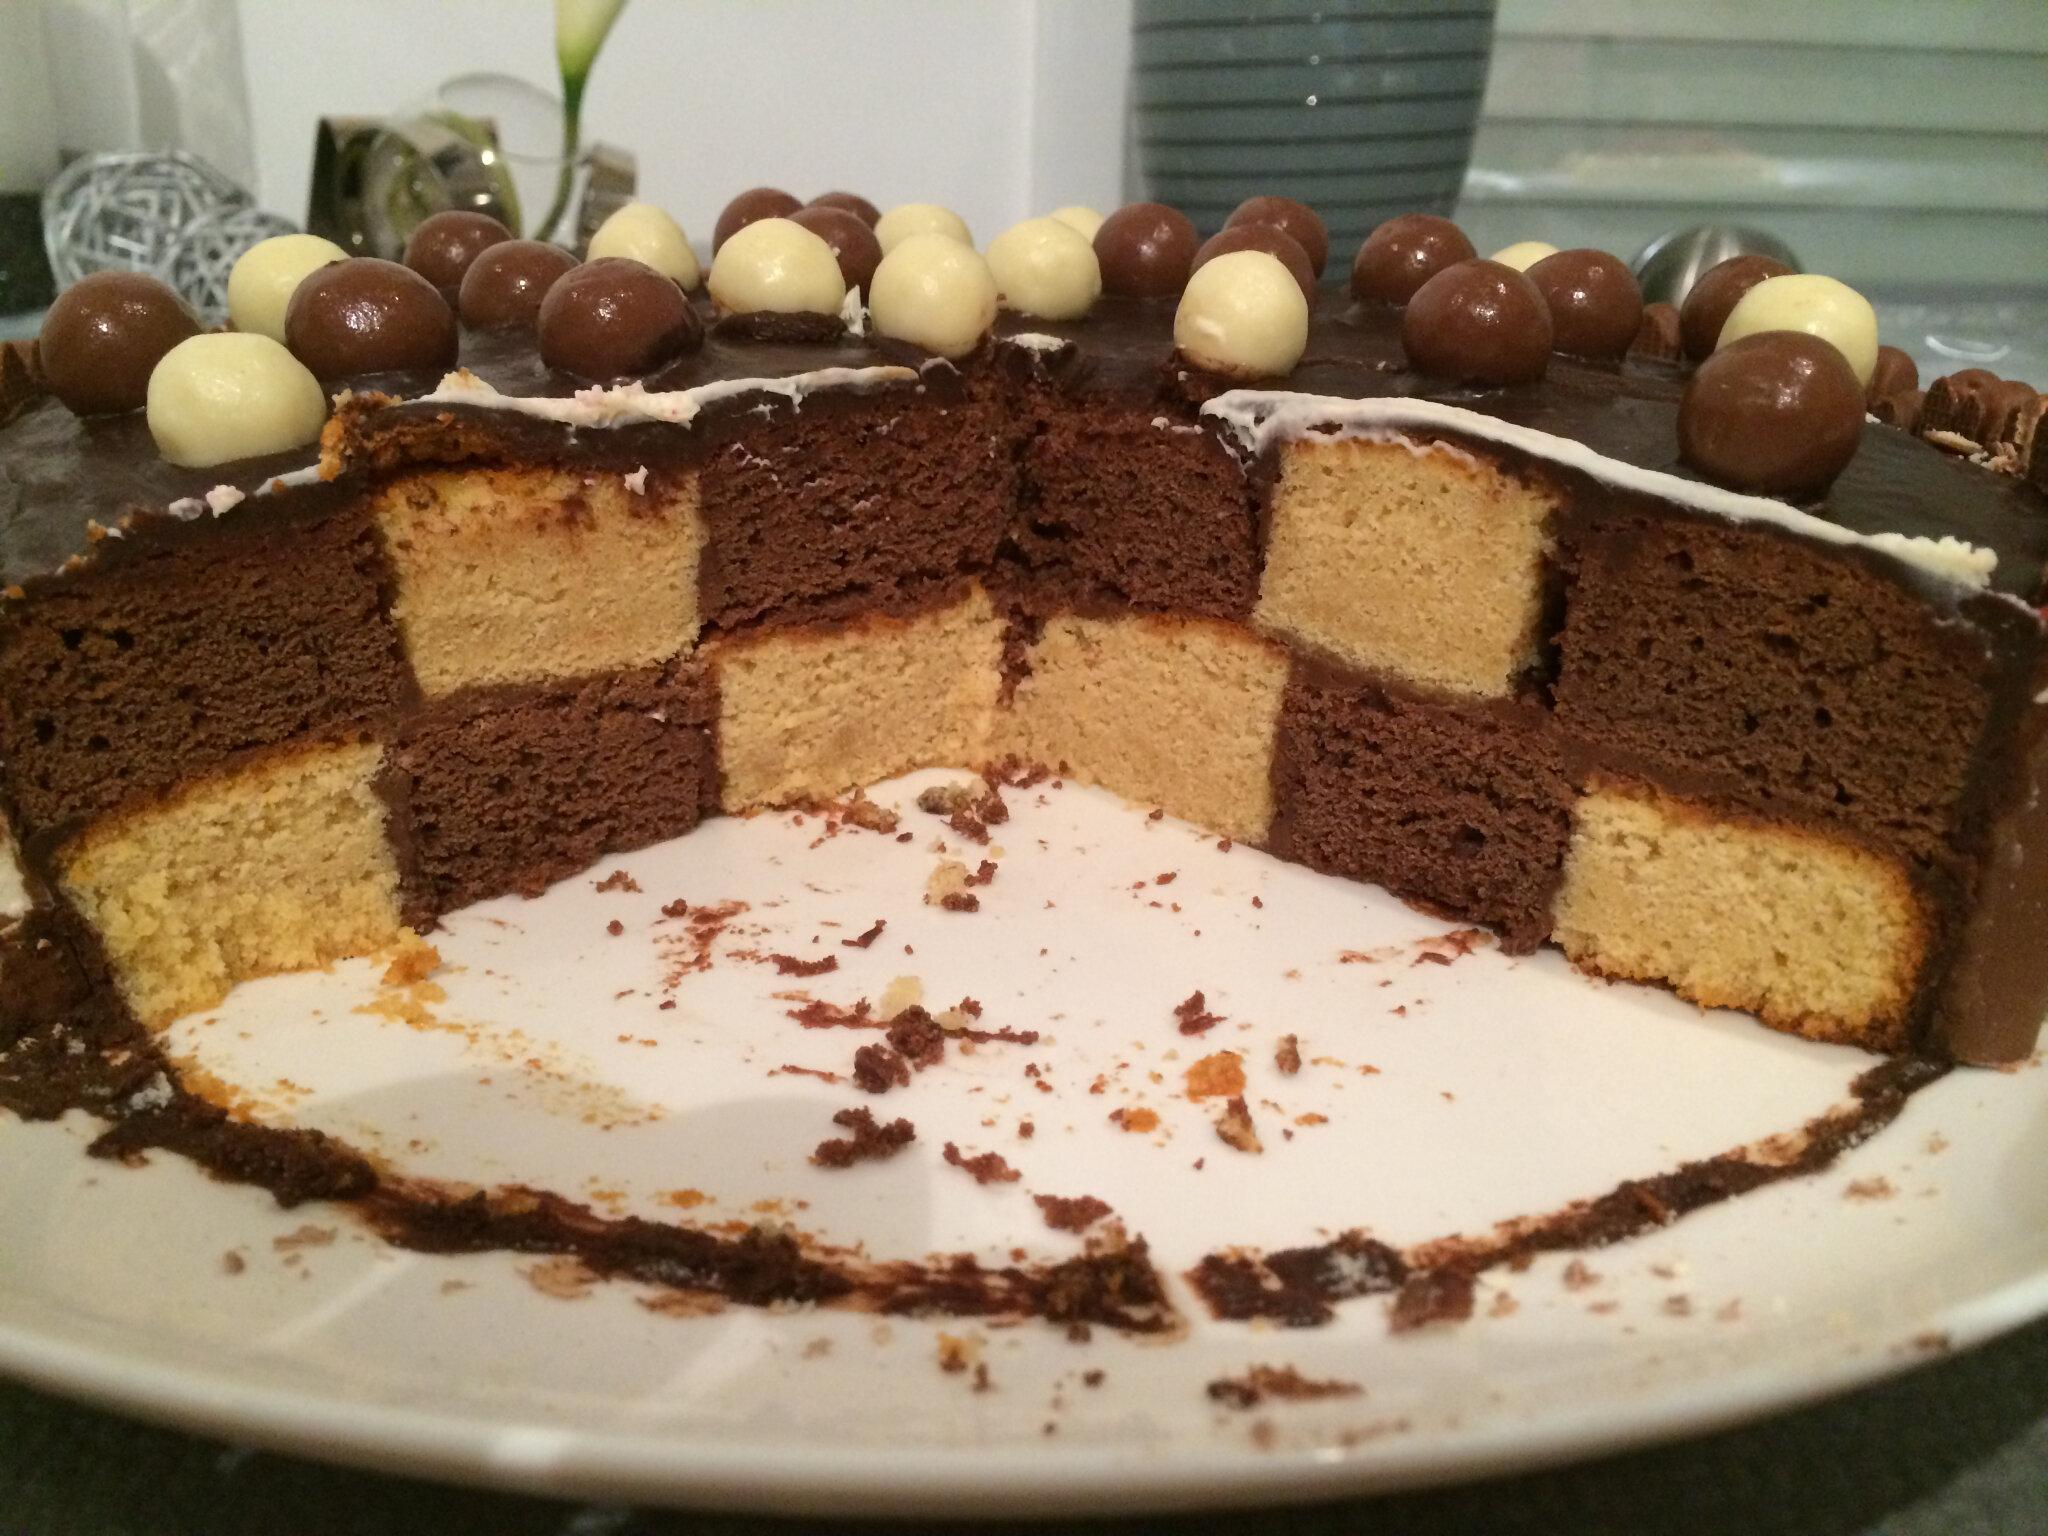 Gateau chocolat pour 12 personnes